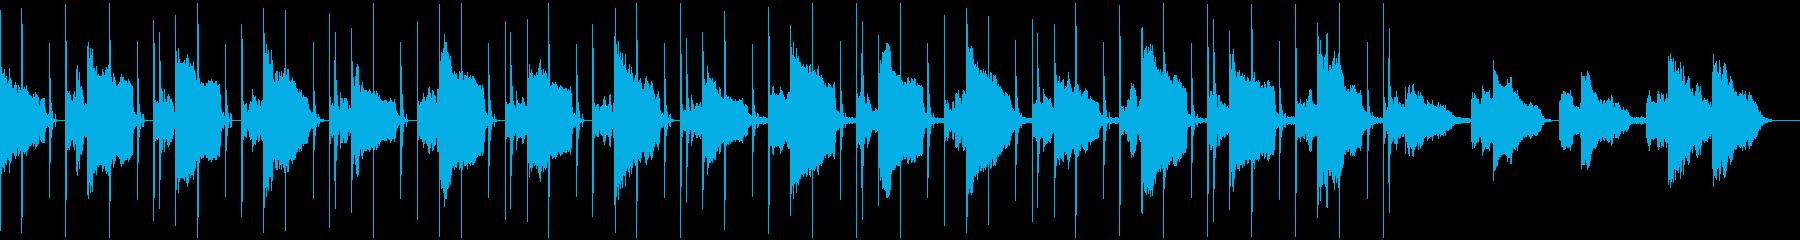 雨をイメージしたシンセサイザーの曲の再生済みの波形